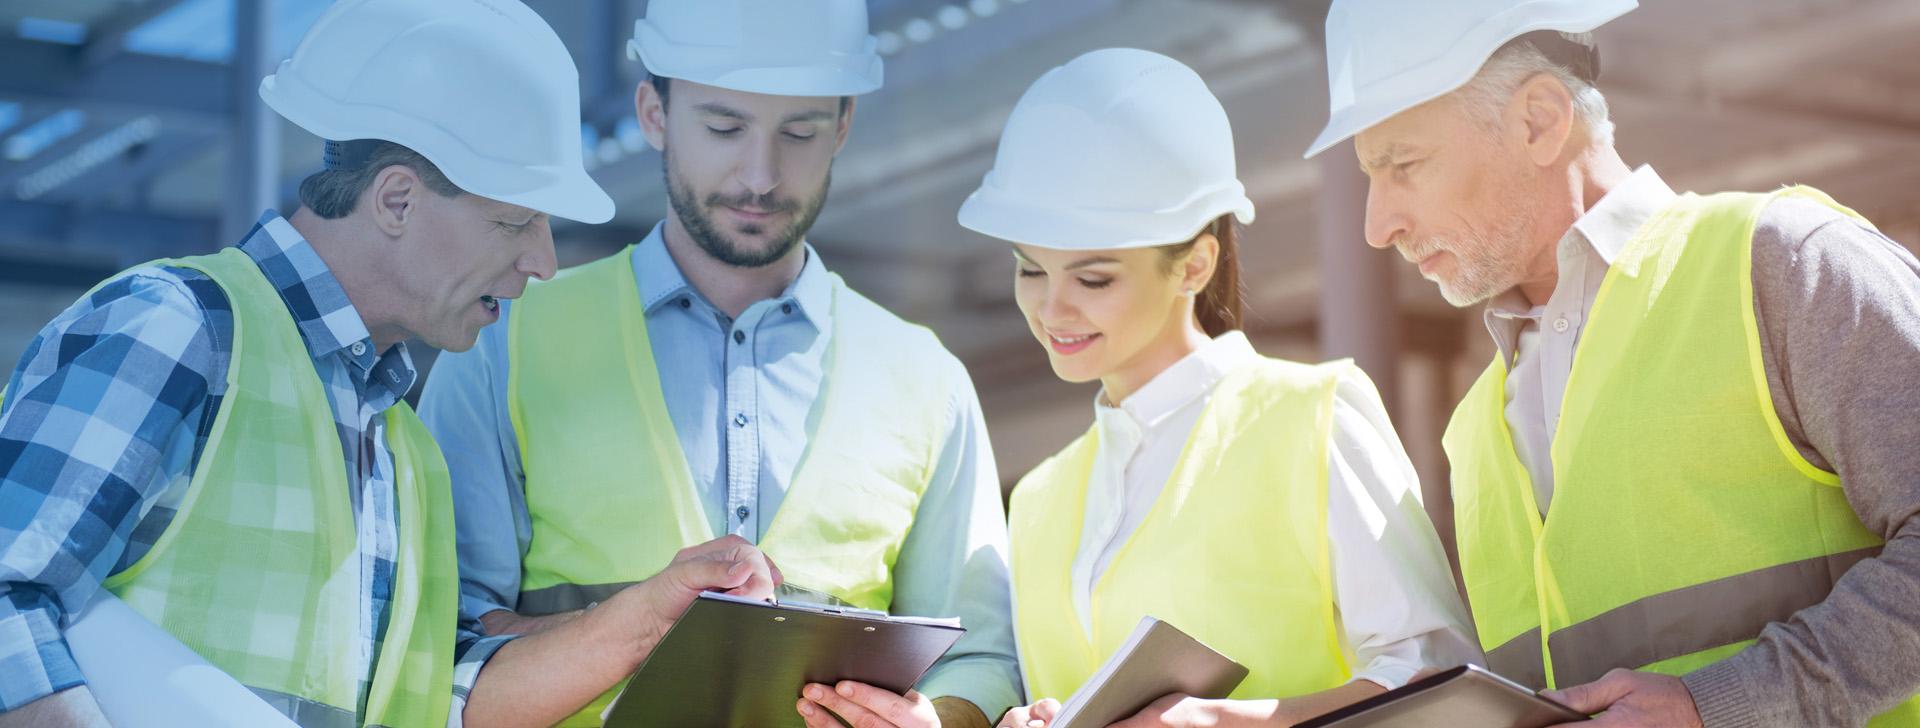 Arbeitssicherheit sicherheitstechnische Betreuung